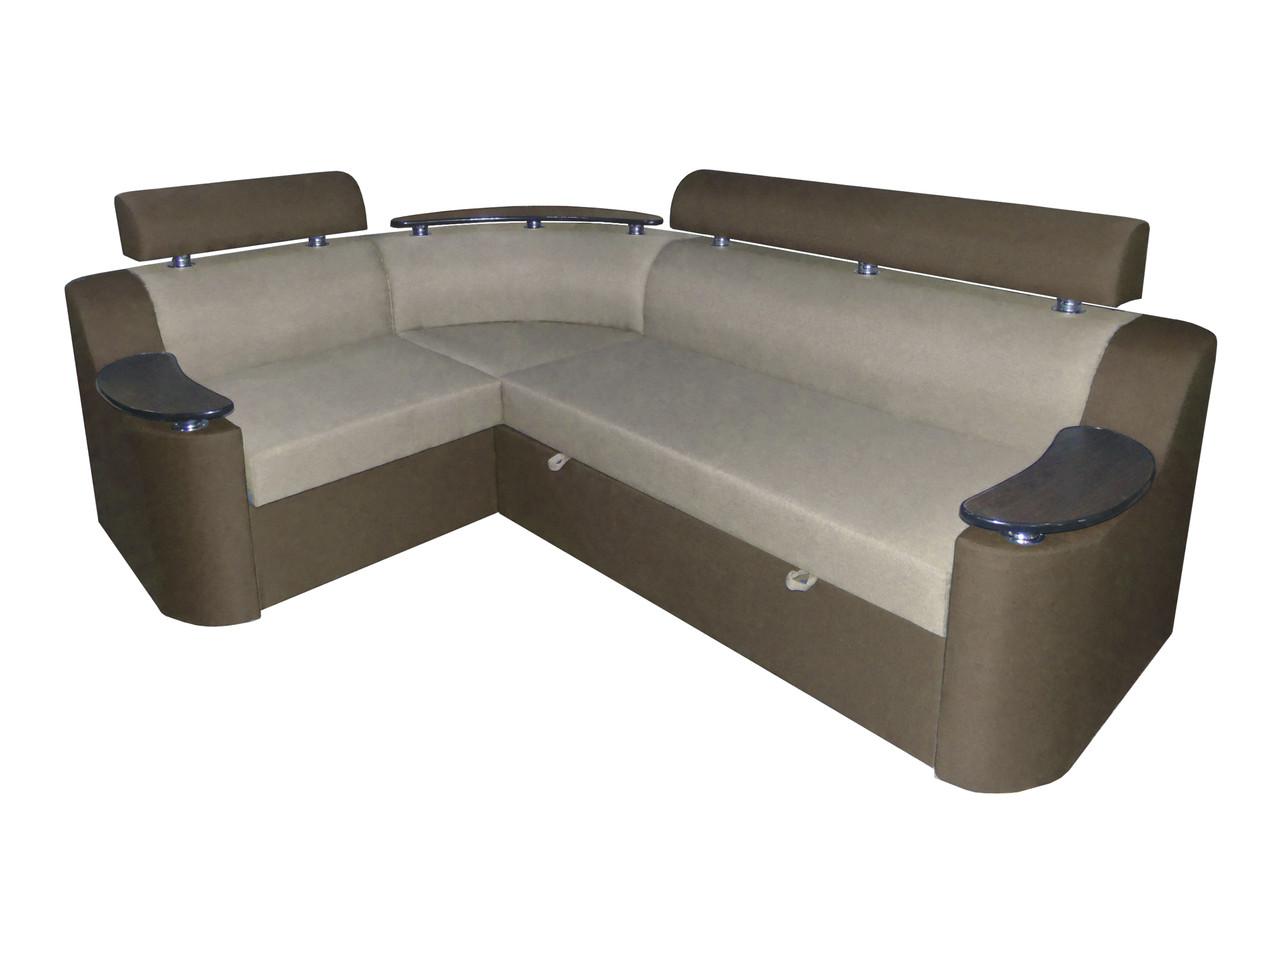 Угловой диван на пружинном блоке Фараон от производителя